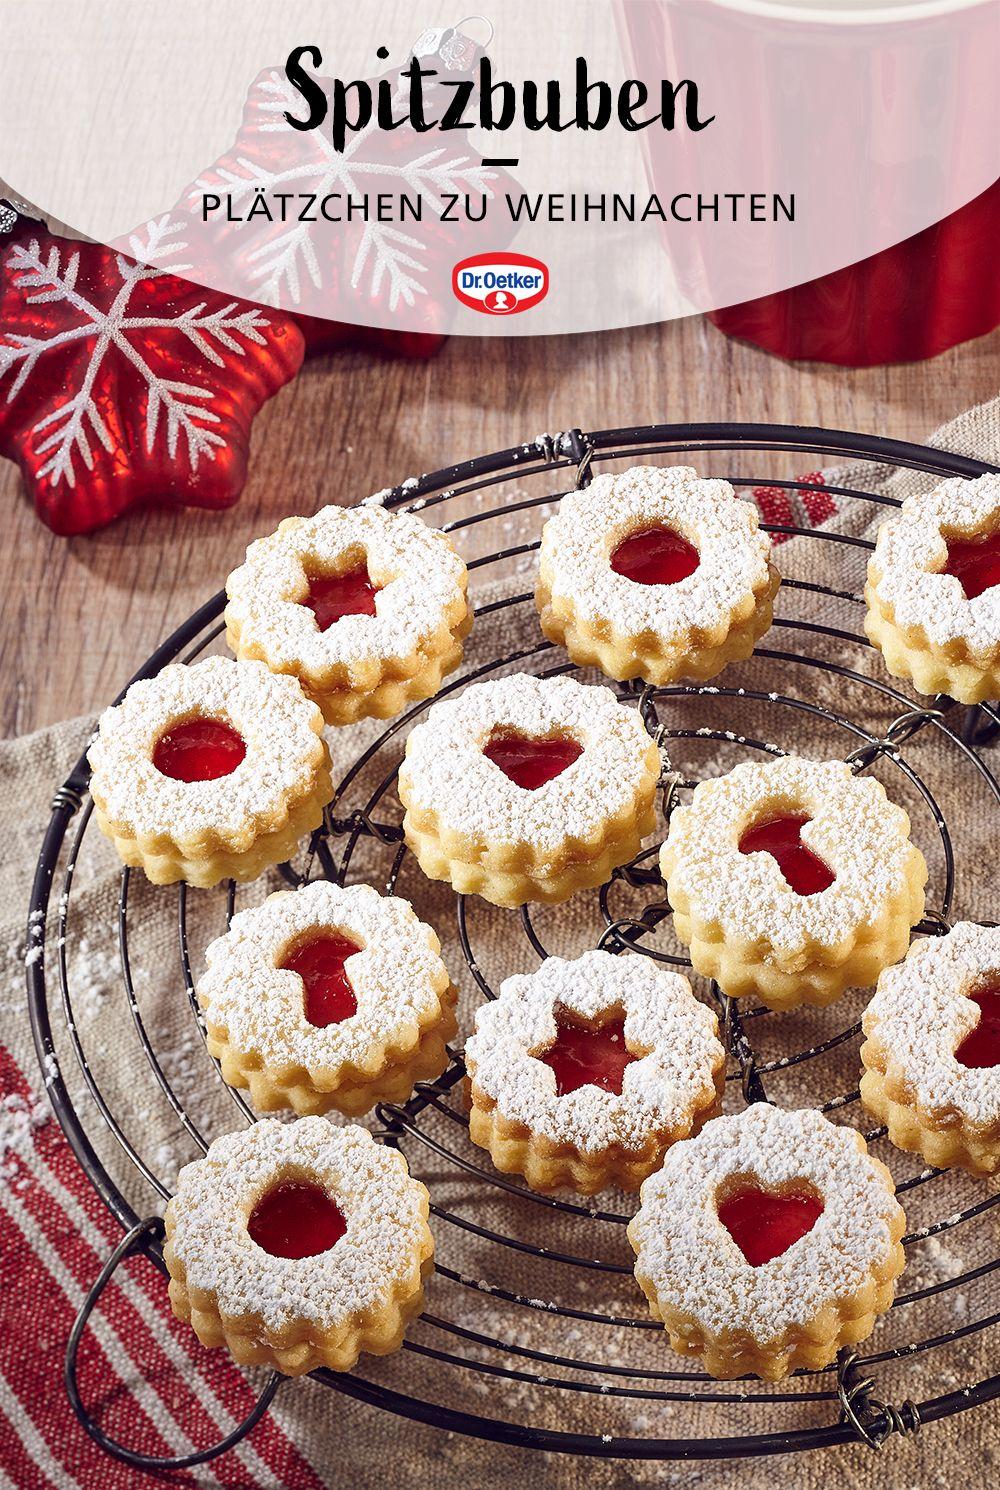 cfc87a76364da03d20b6e6eb5834c09b - Keks Rezepte Weihnachten